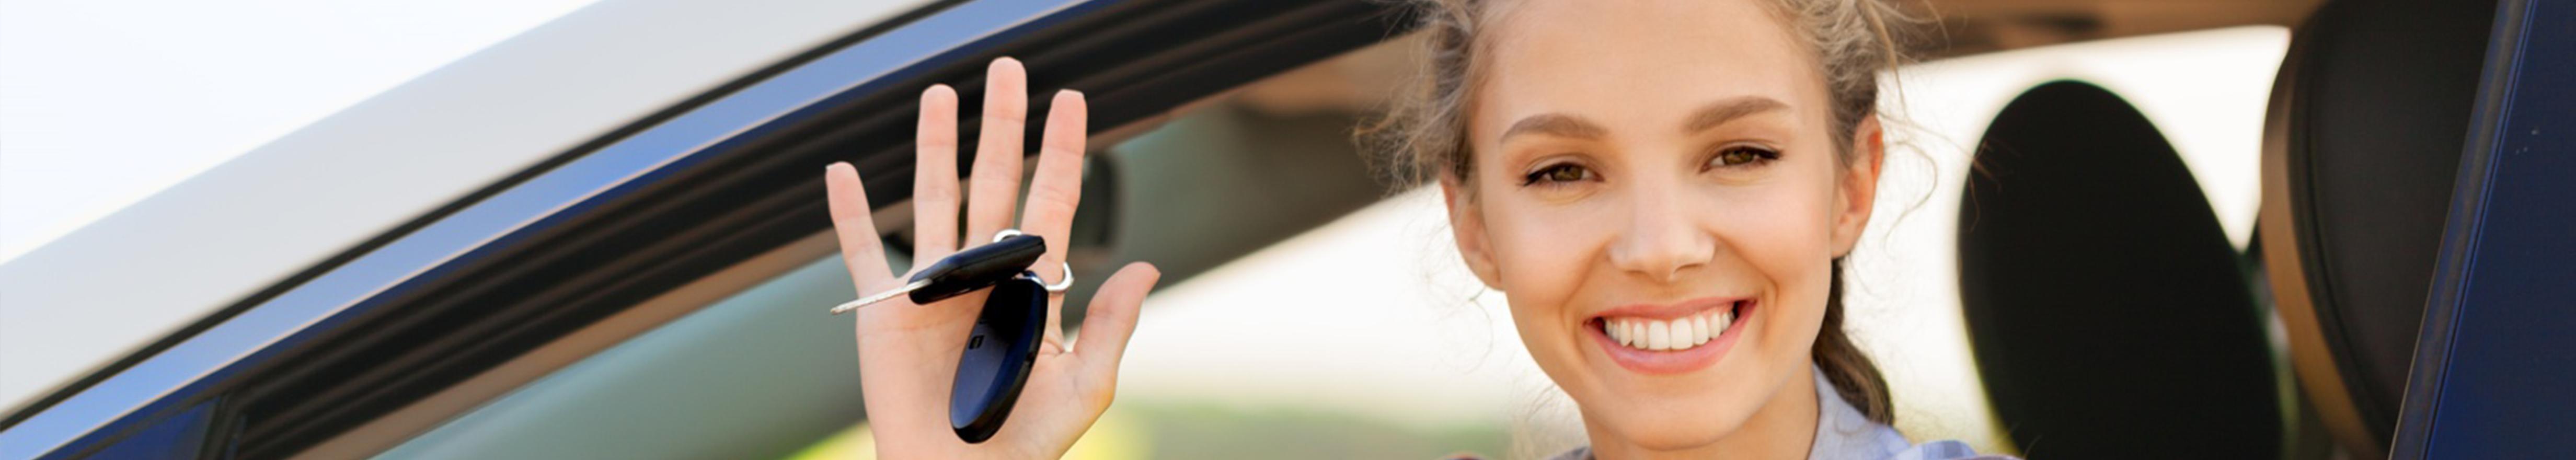 Allianz Letoile : Assurance auto pour les jeunes conducteurs